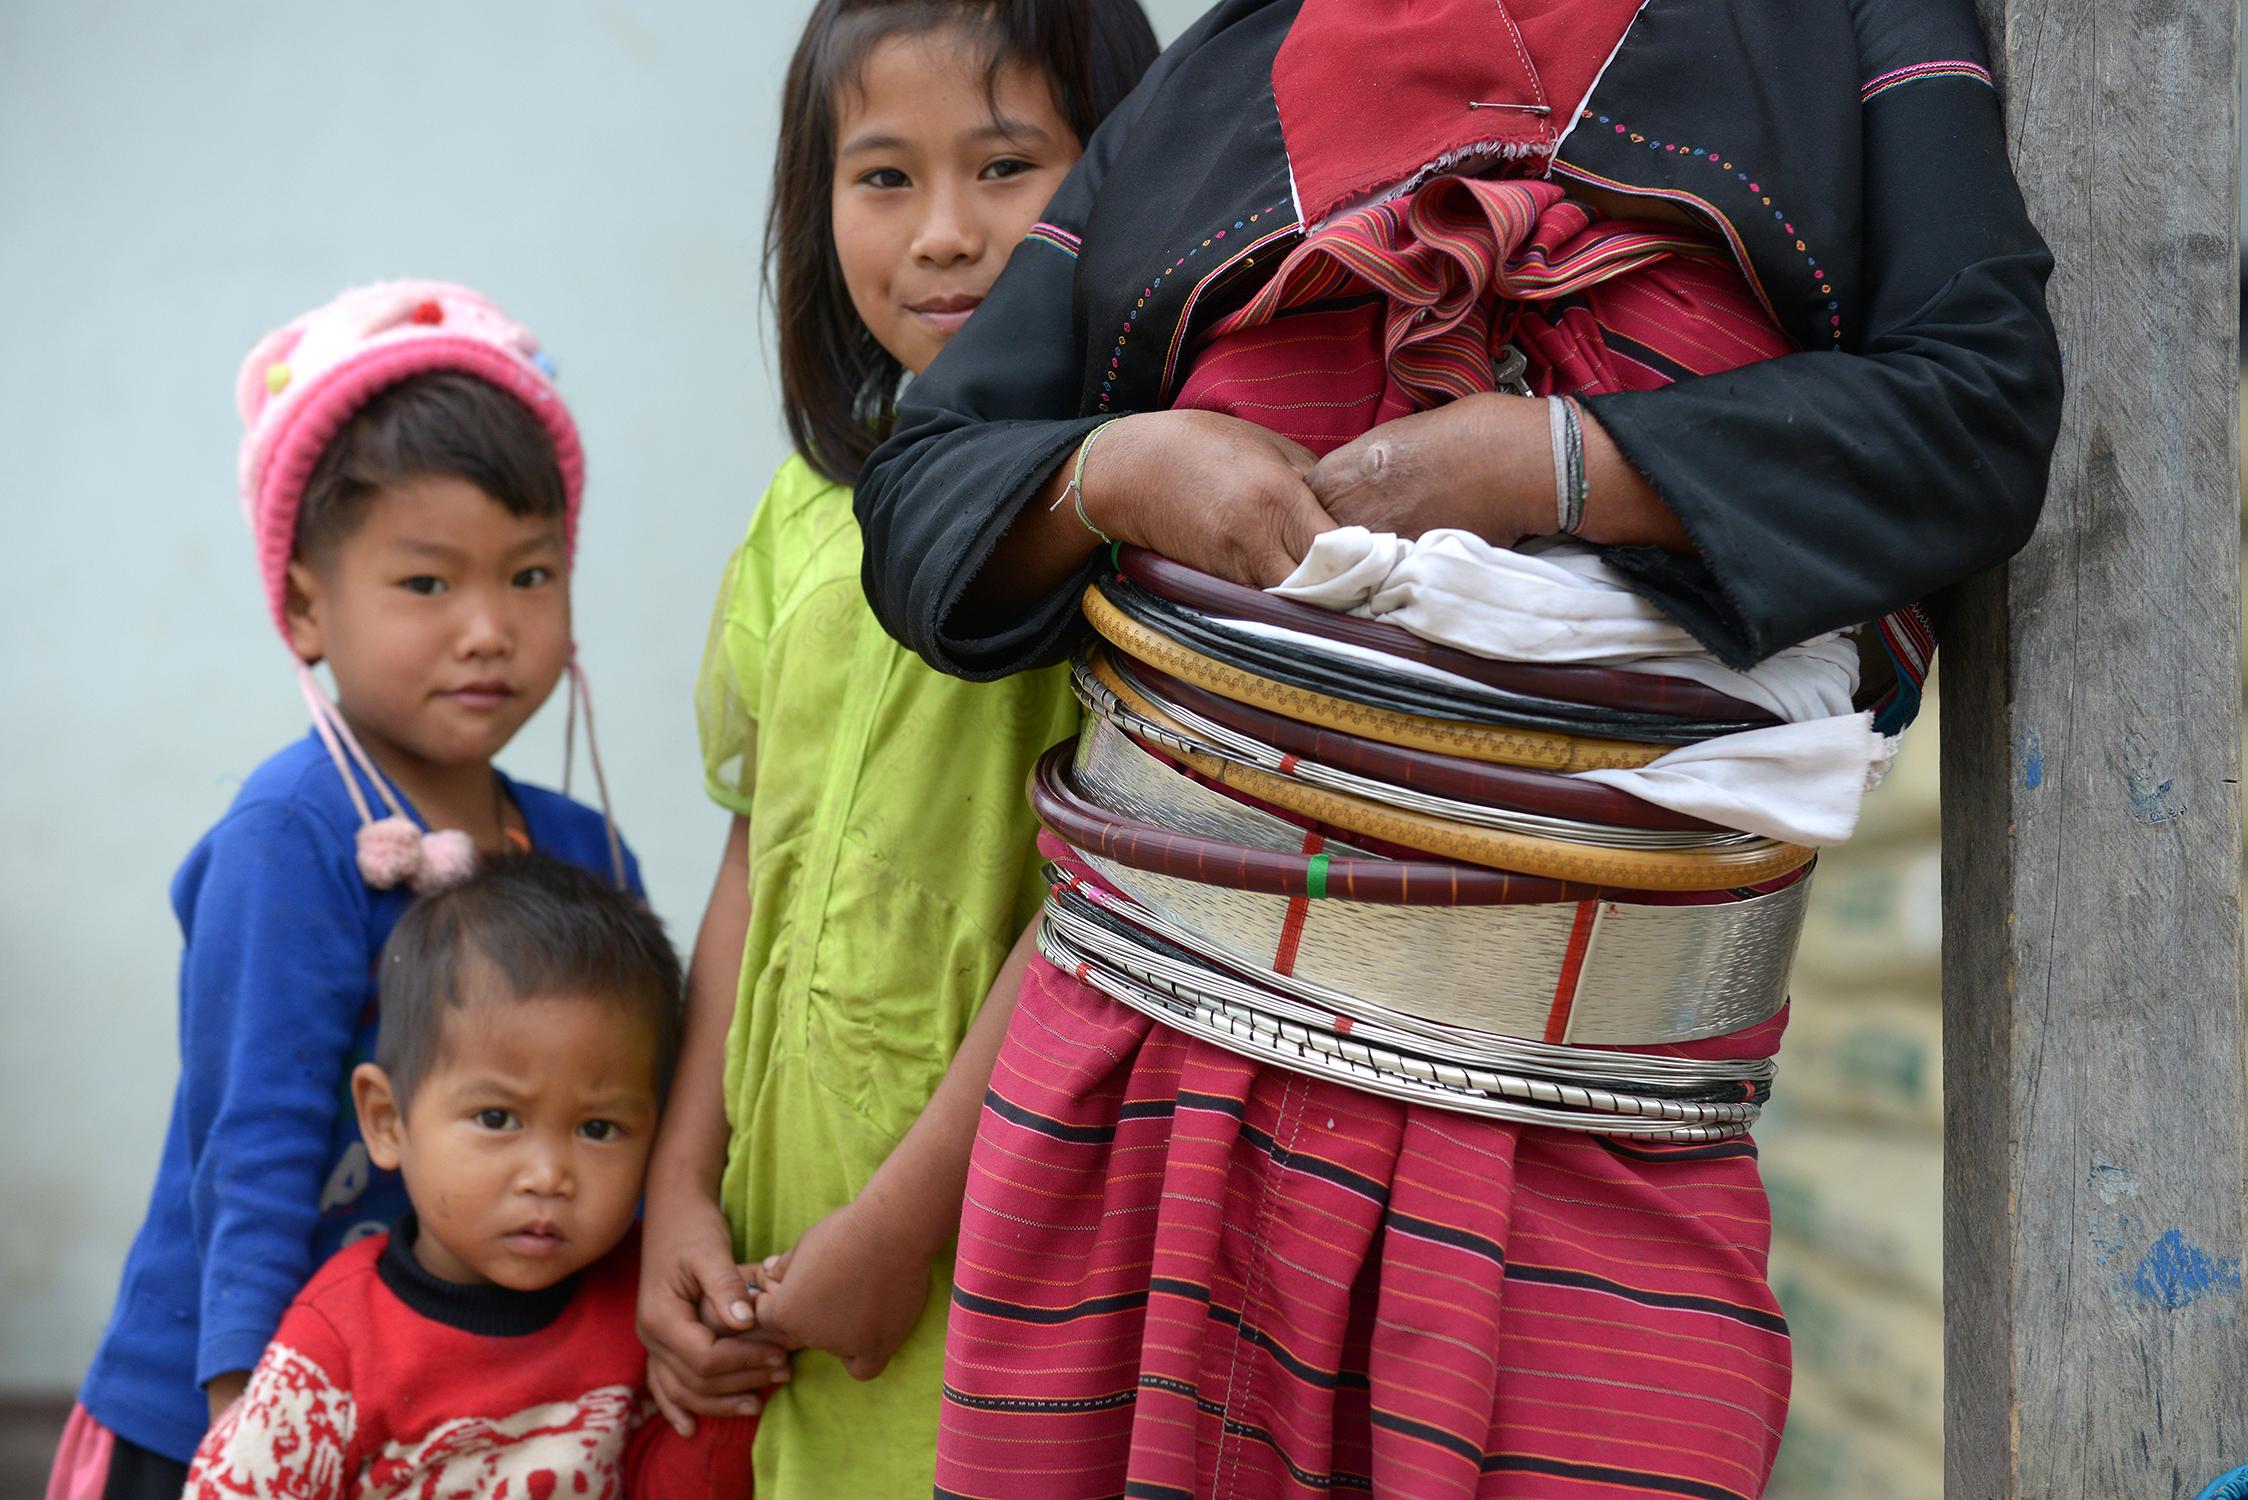 Kentung, vyö, Myanmar, Burma, matkablogi, matka, blogi